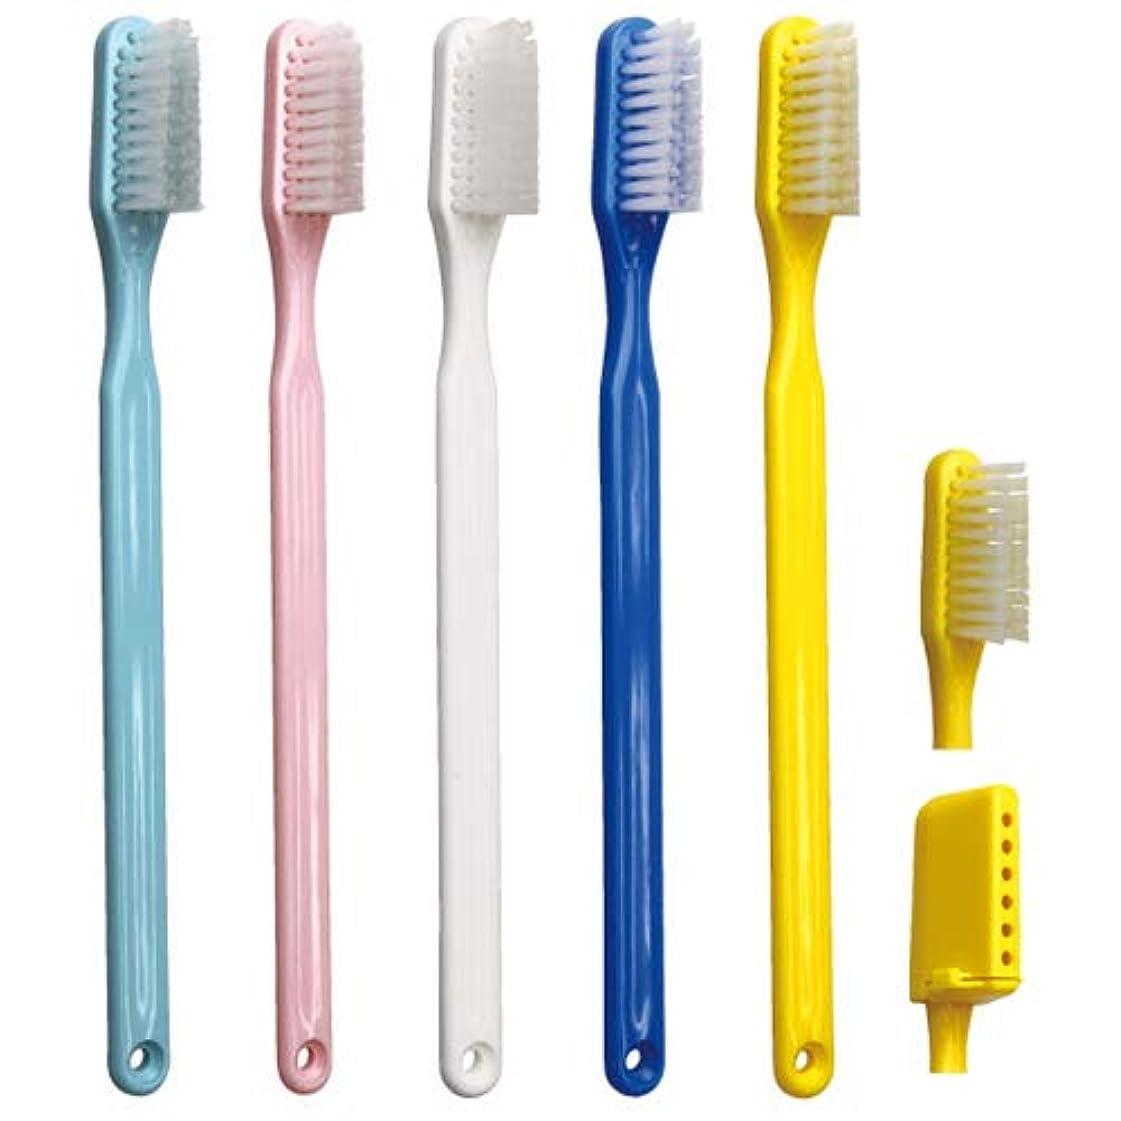 錫識別する資格歯科医院専用商品 PHB 歯ブラシ アダルト5本セット( 歯ブラシキャップ付)ライトブルー?ピンク?ホワイト?ネオンブルー?イエロー